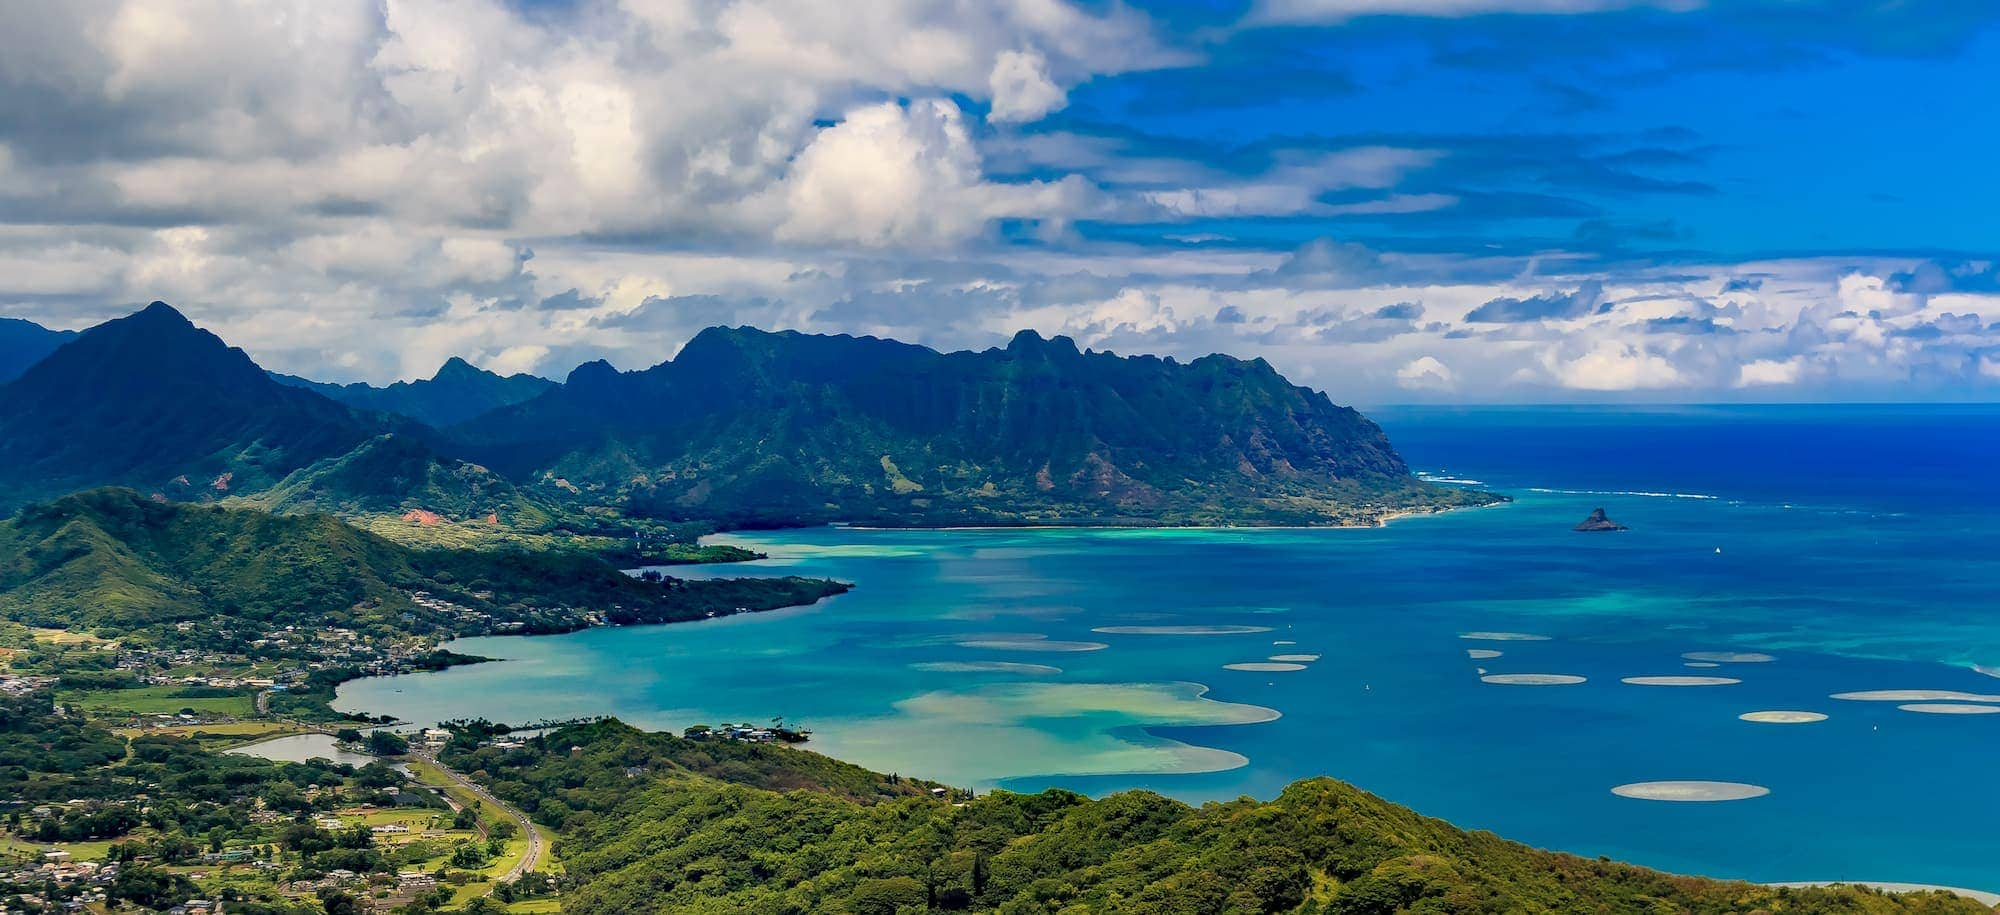 O'ahu's windward (eastern) coast